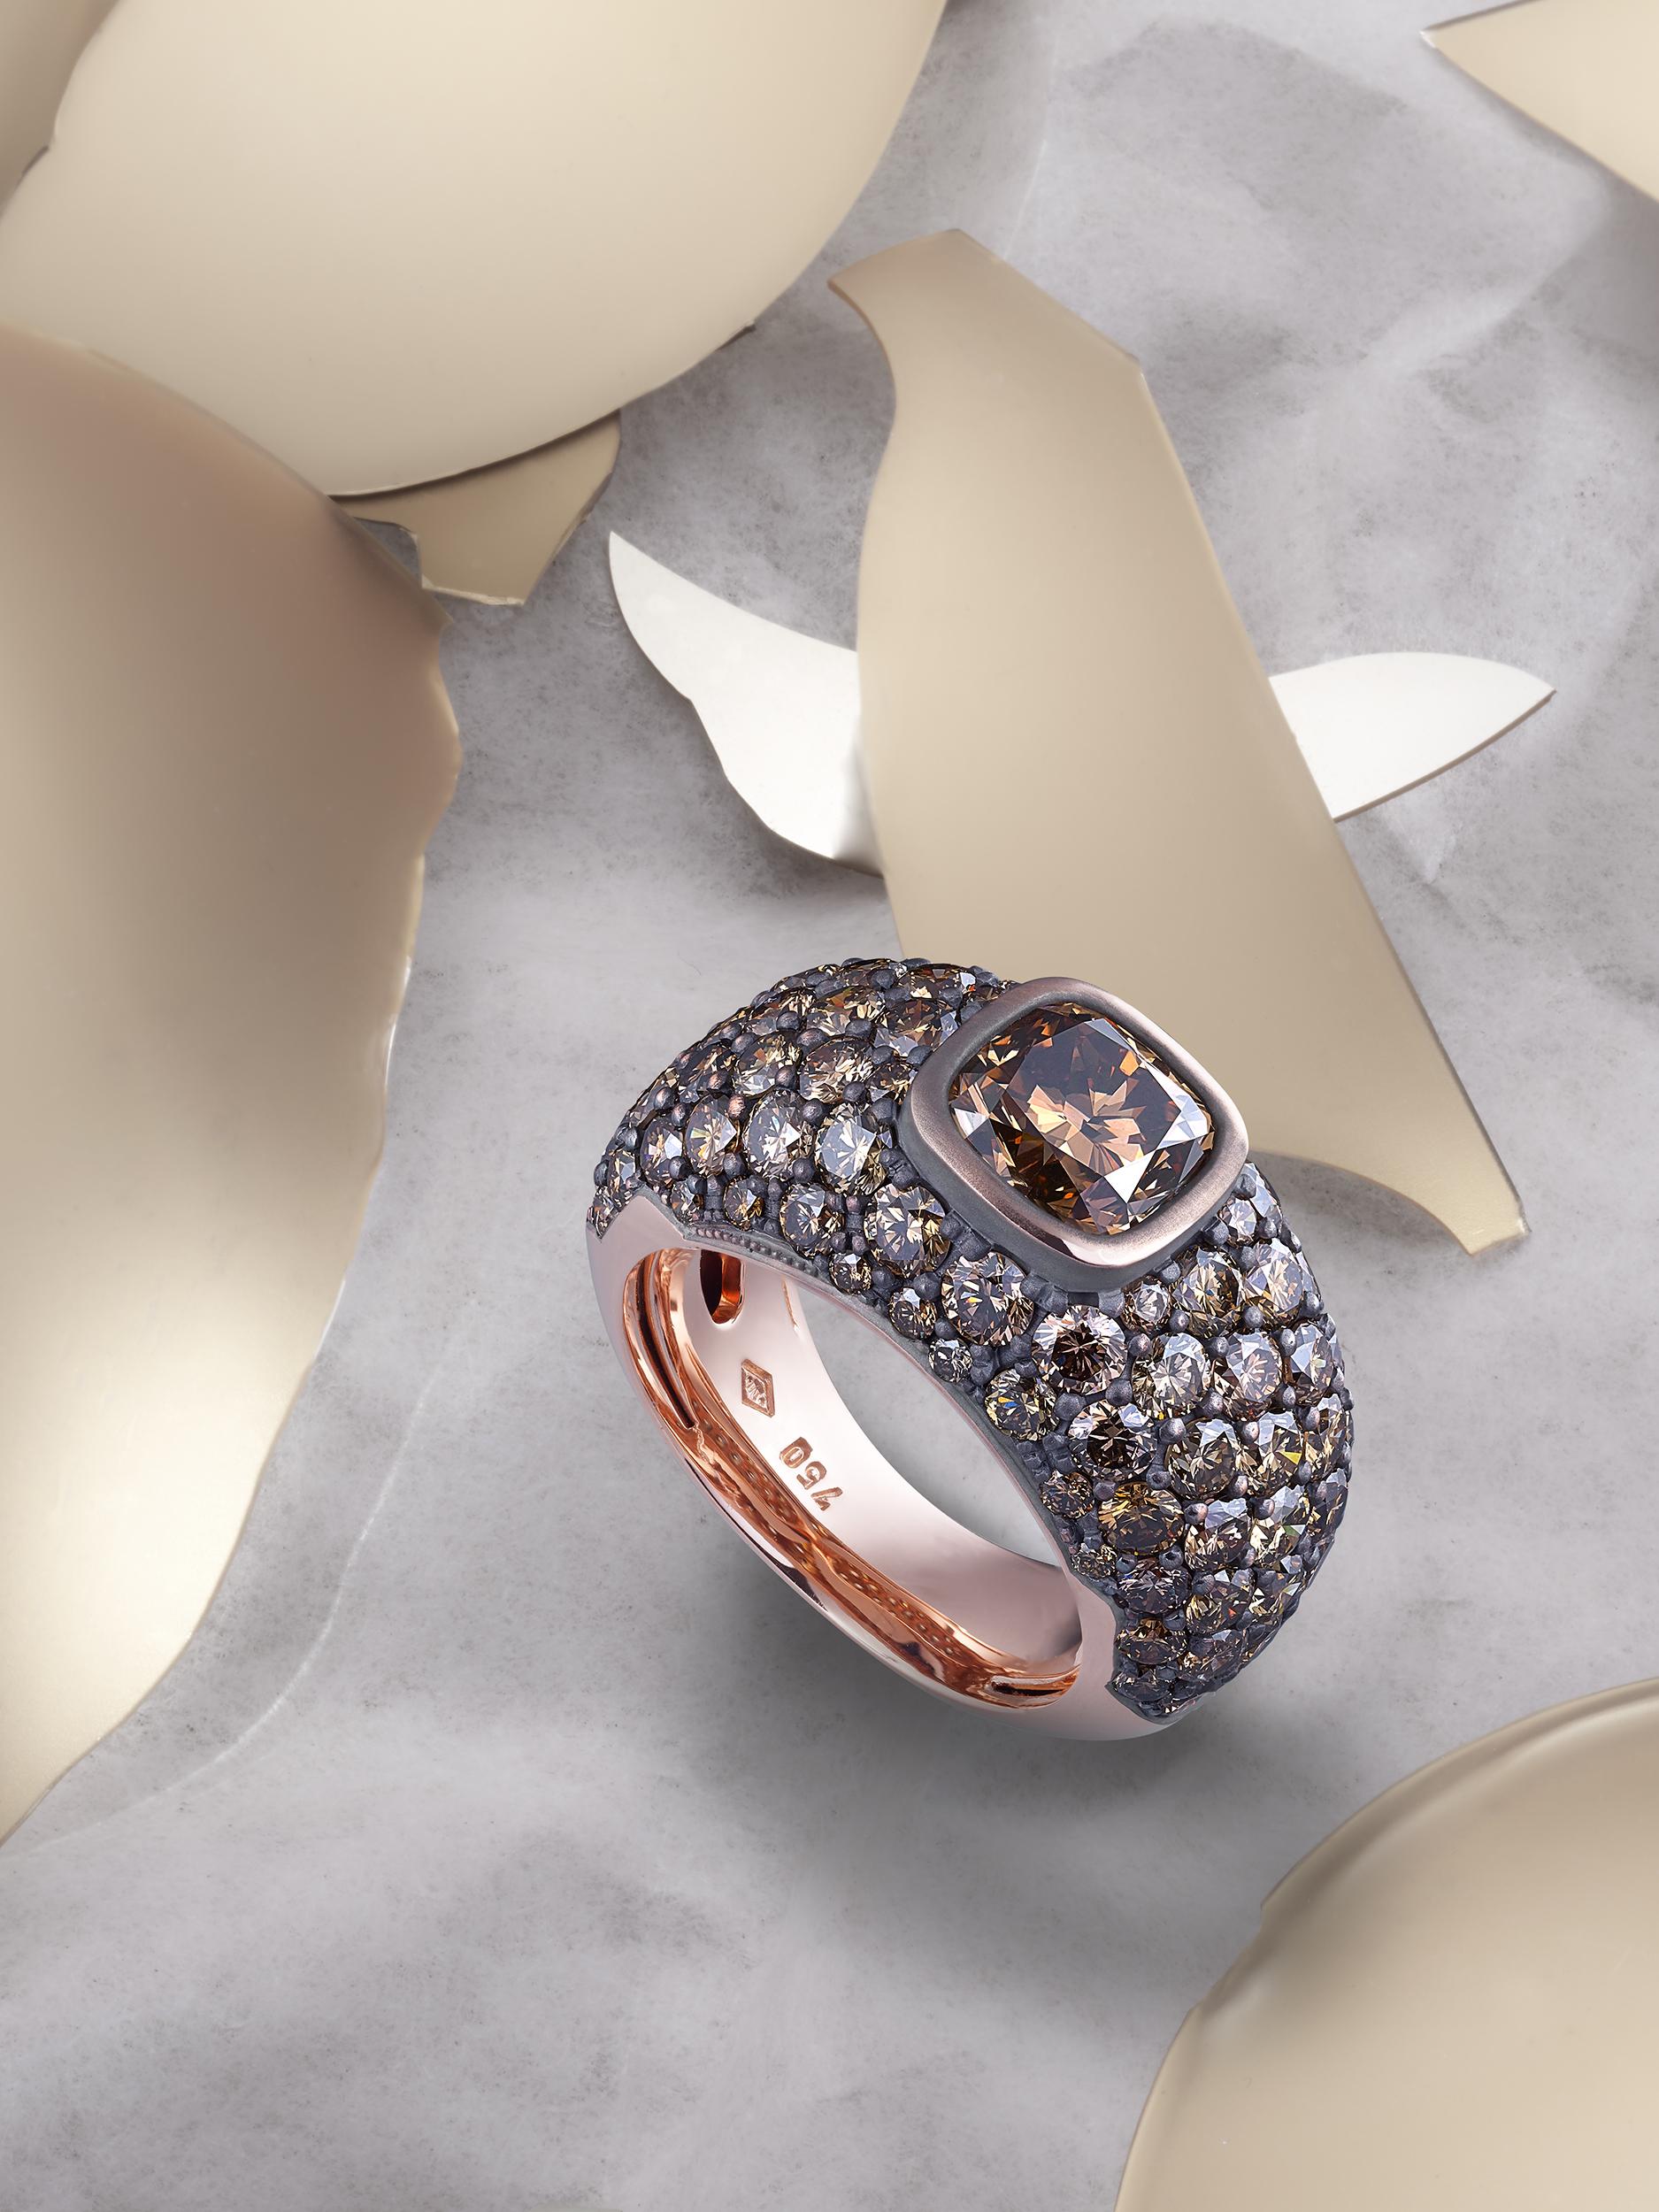 magnifique bague or avec des pierres brunes, image créative de bijoux pour une publication editorial